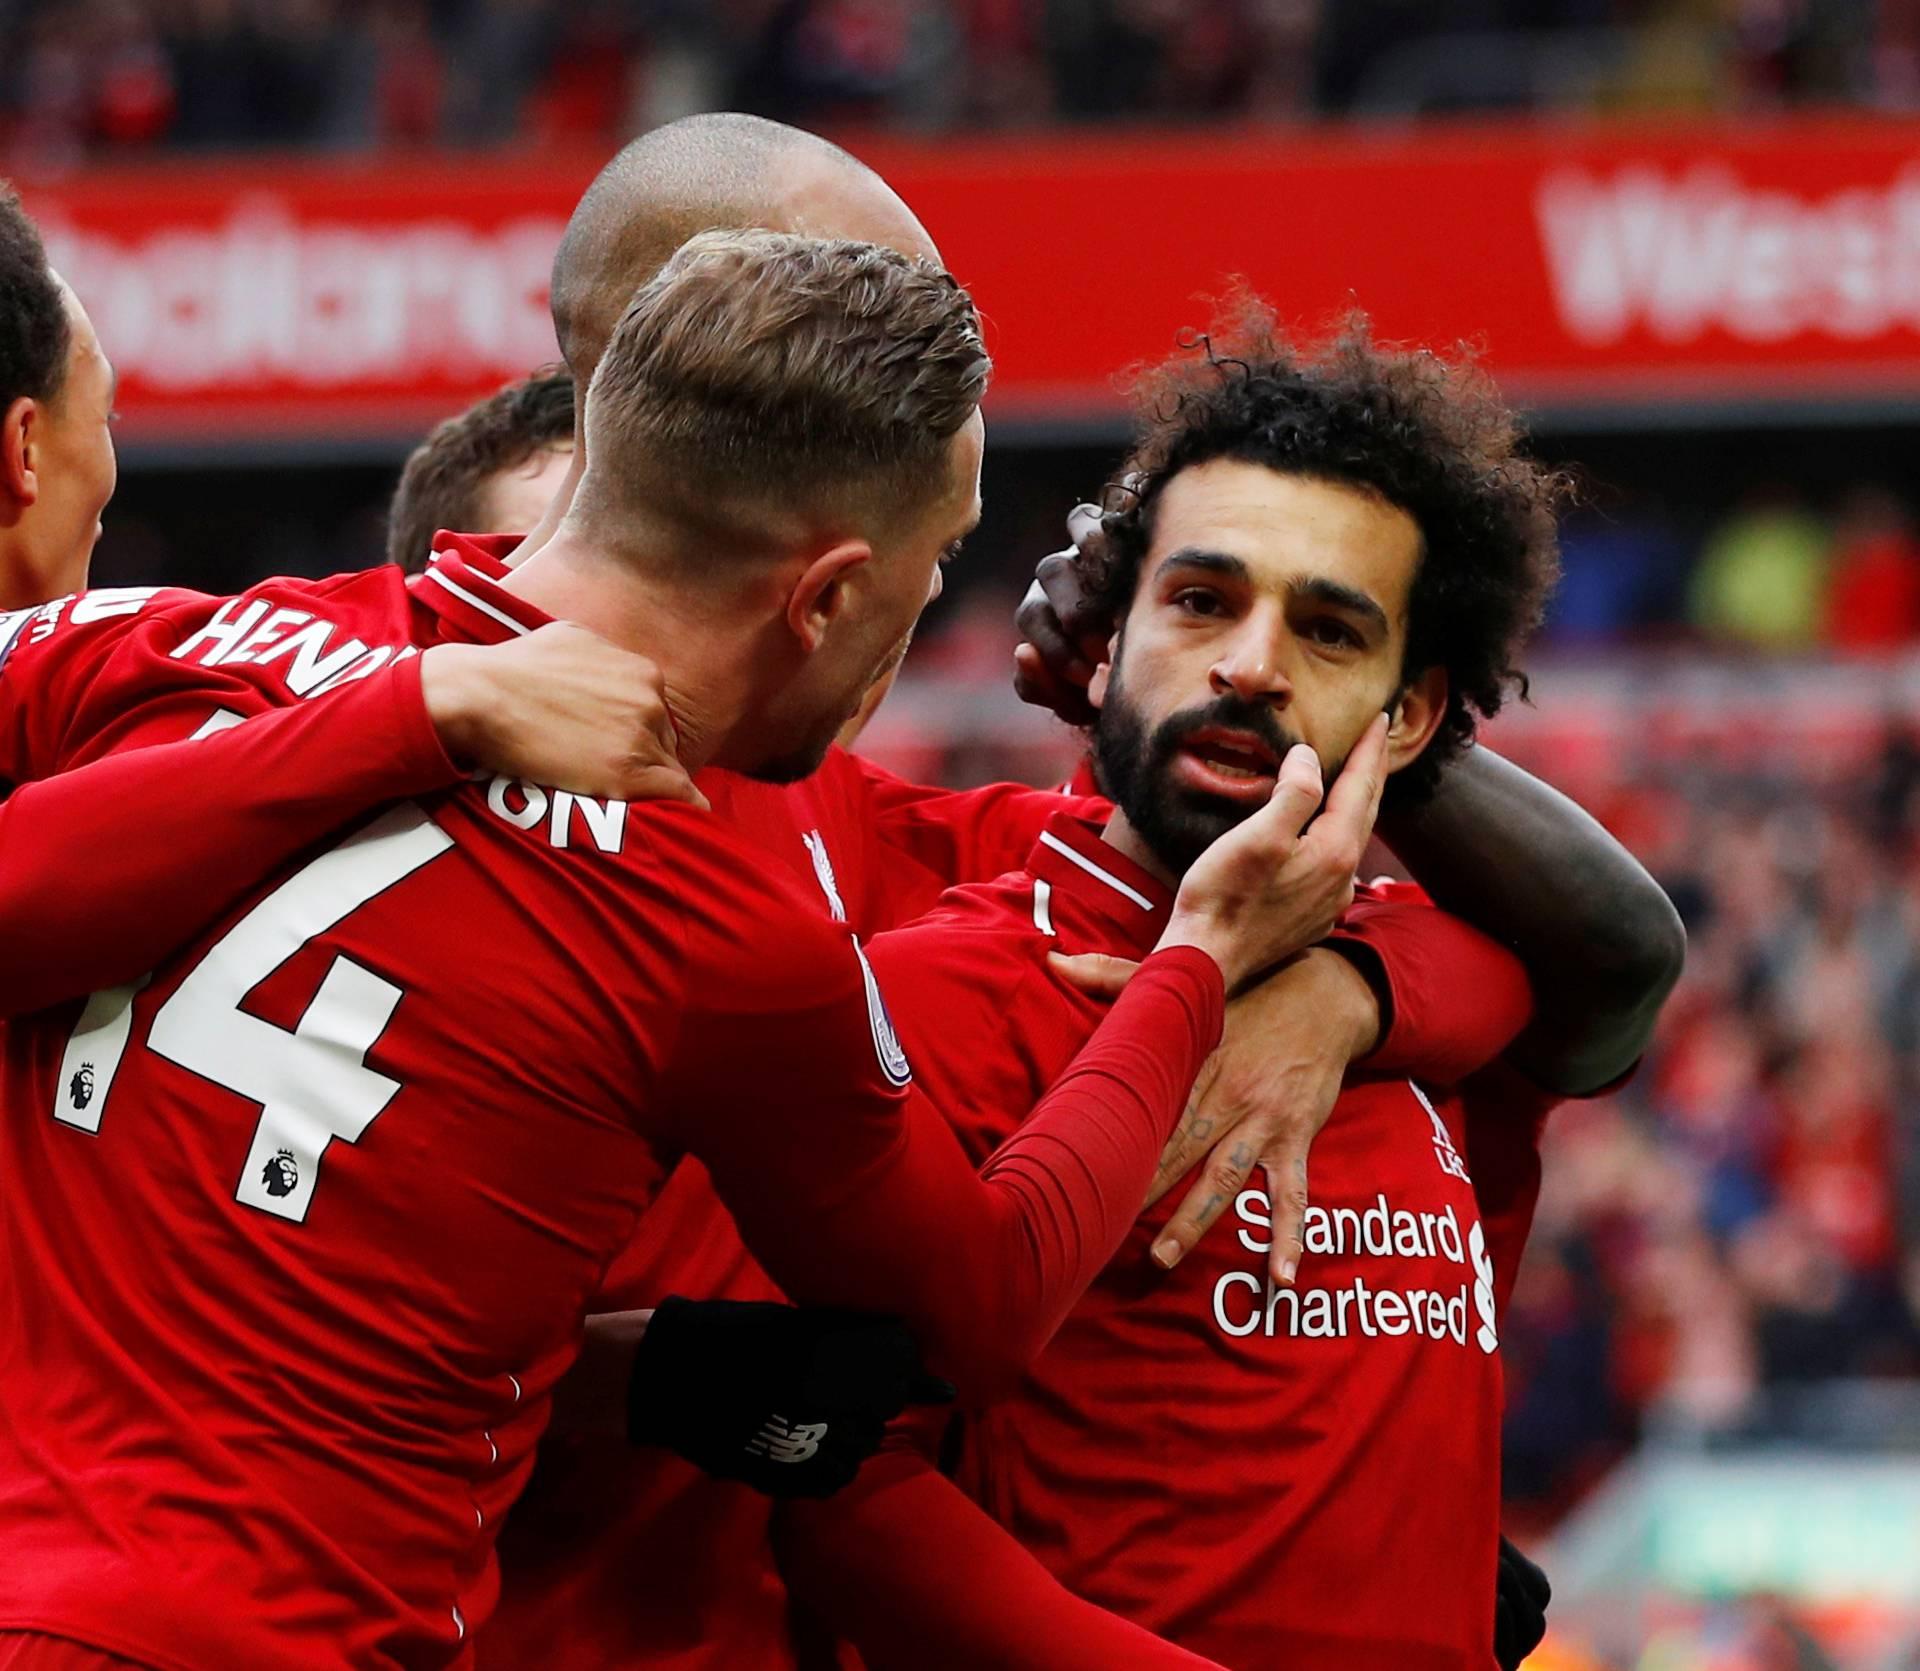 Premier League - Liverpool v Chelsea